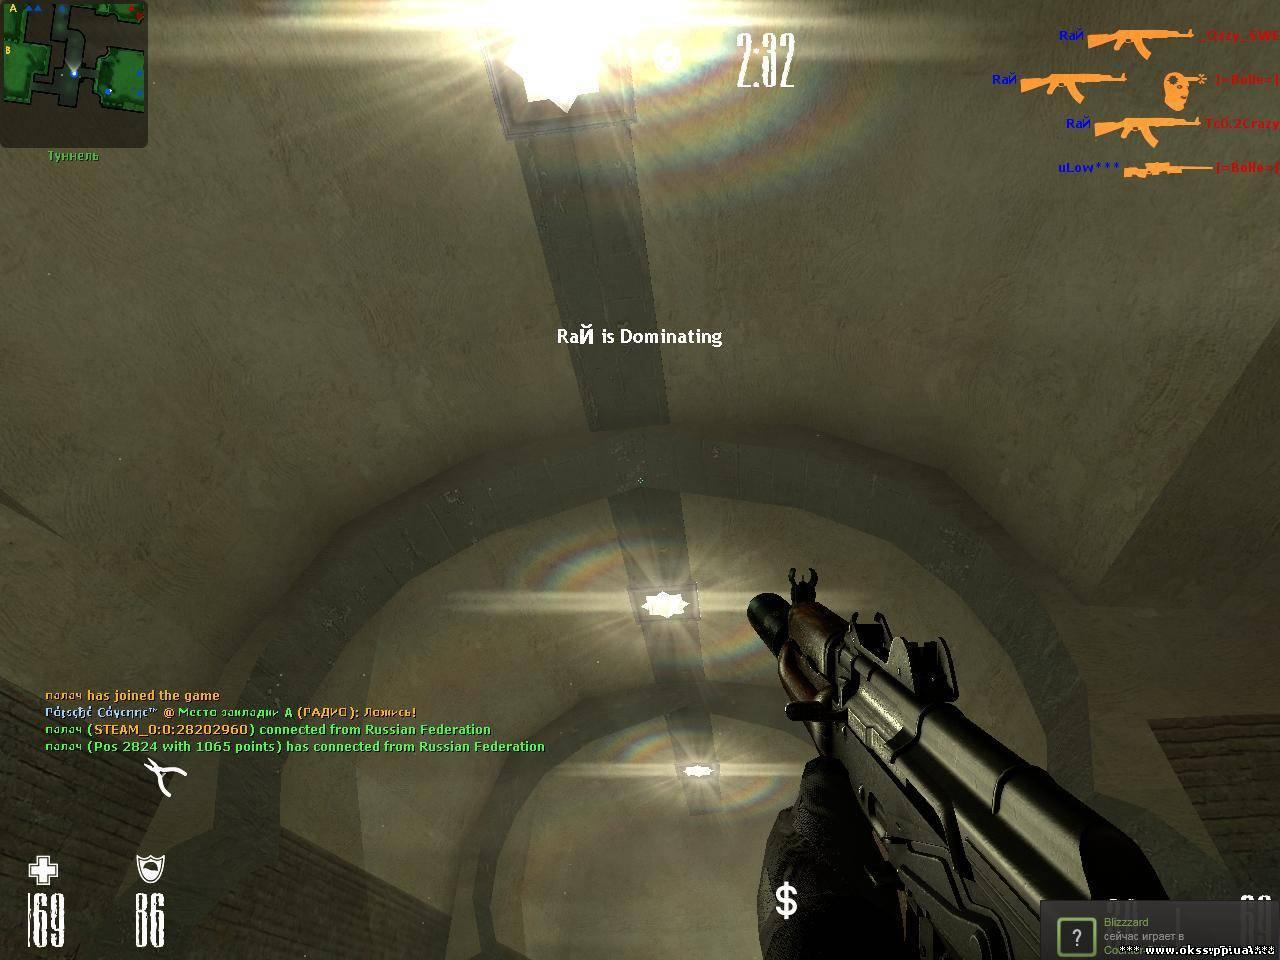 Скачать новые патчи/patch для Counter-Strike Source css/ксс. . HITПо